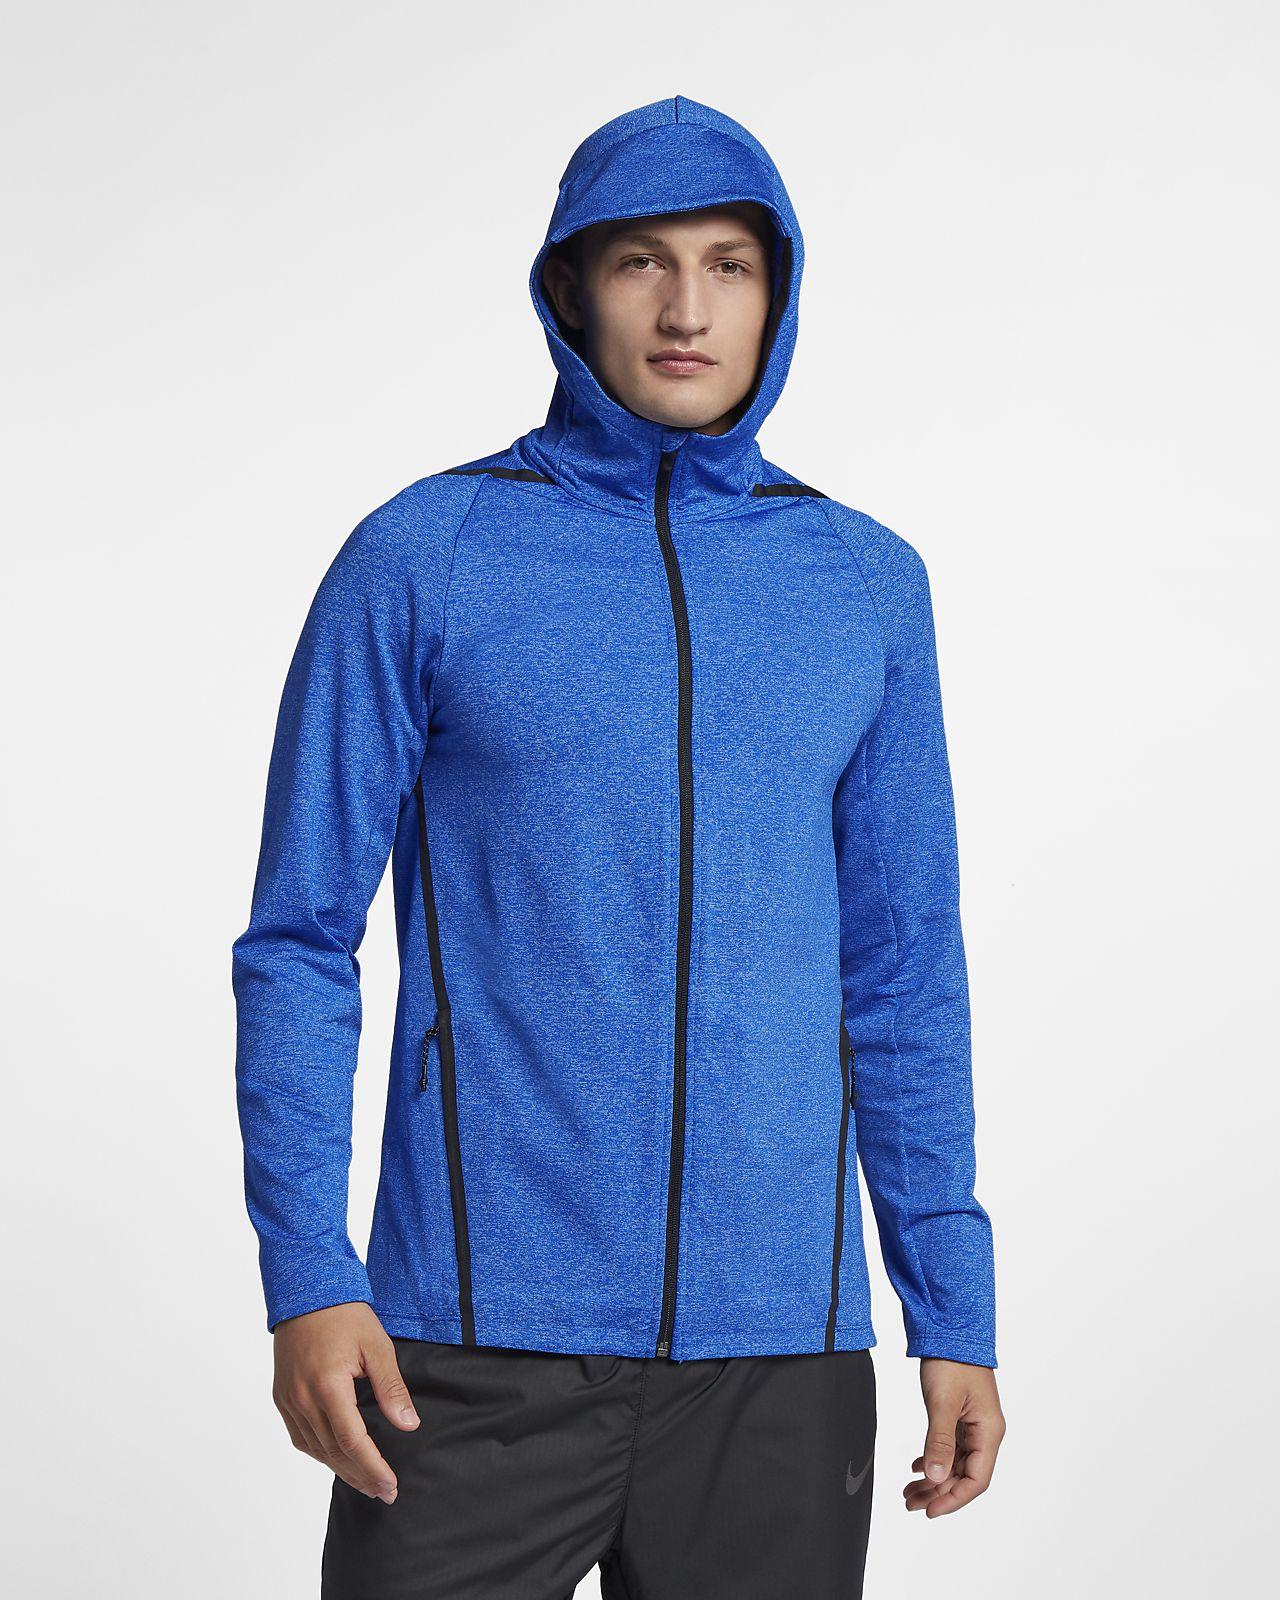 Pánská tréninková mikina Nike Dri-FIT s kapucí, dlouhým rukávem a dlouhým zipem